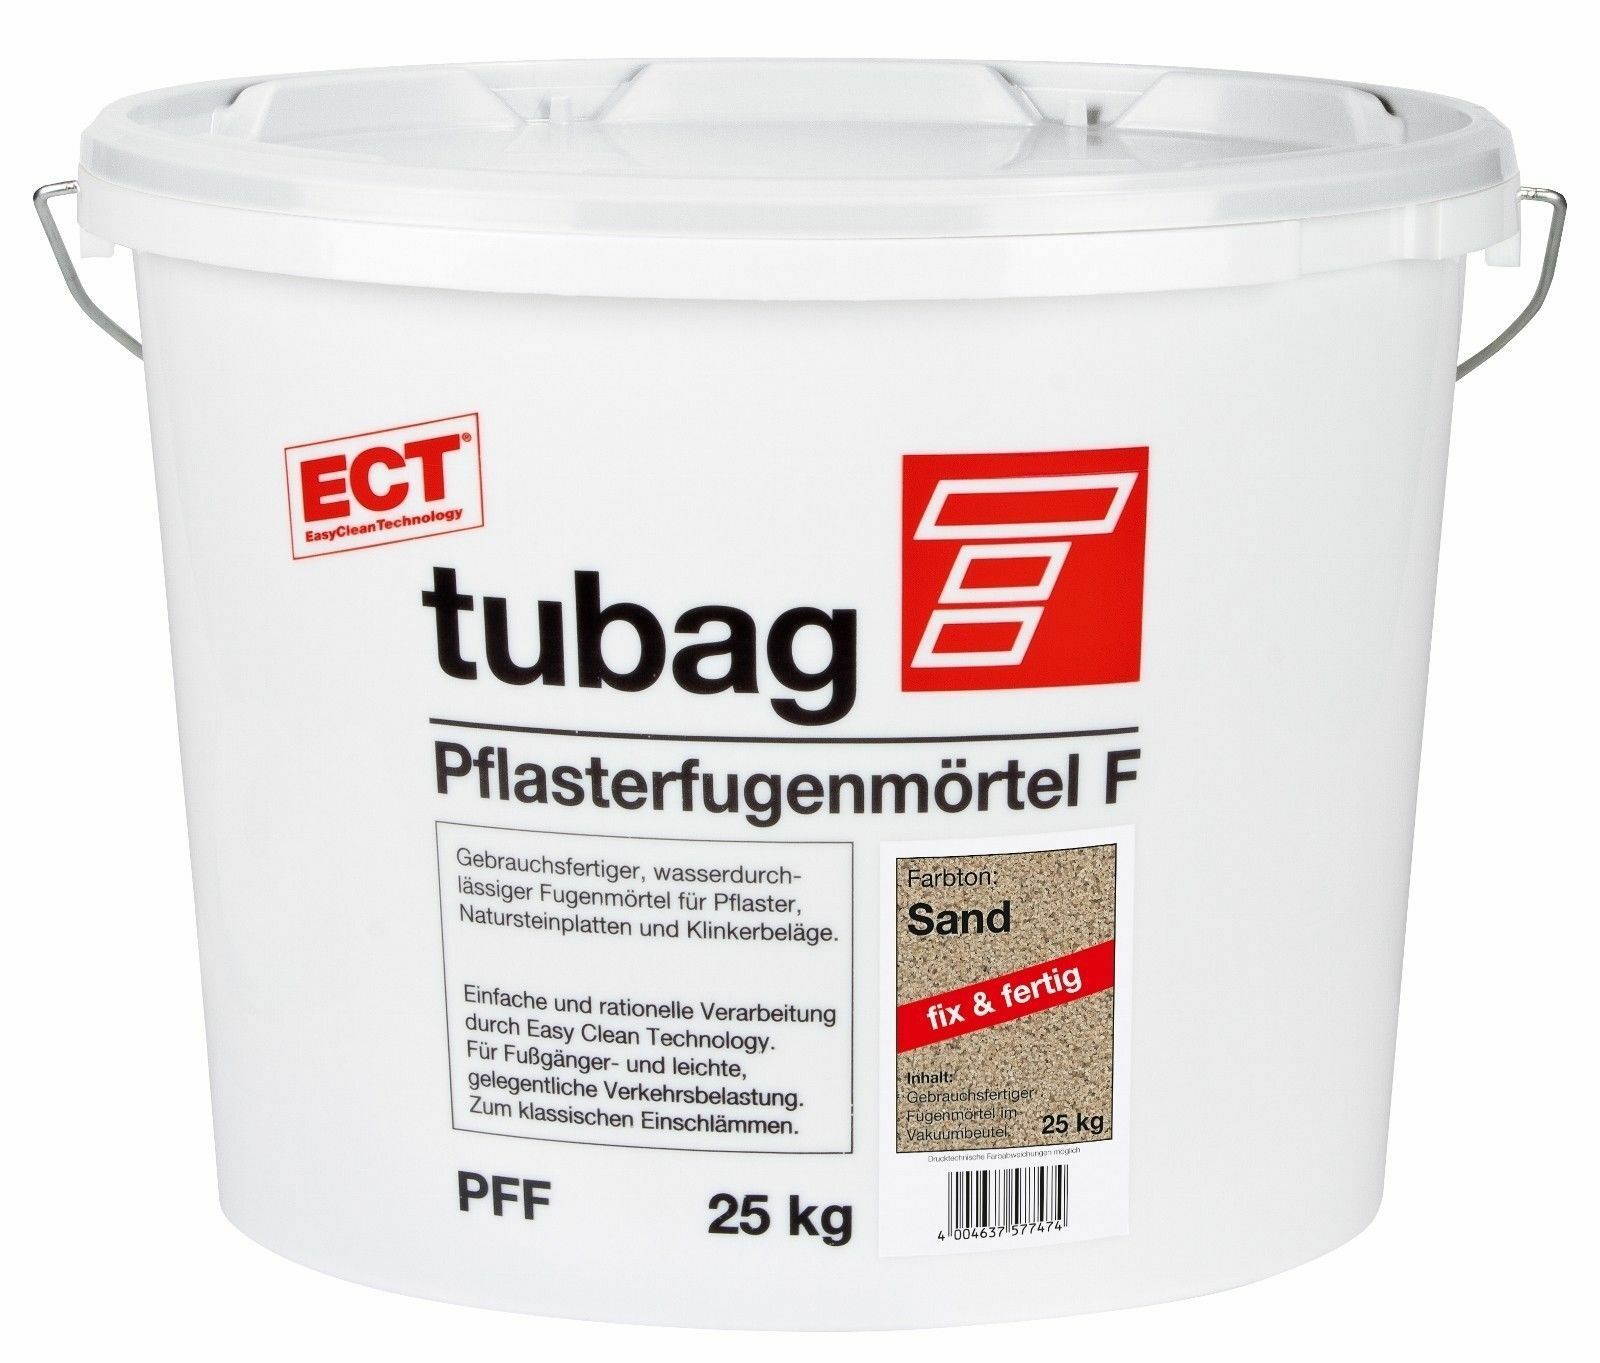 Tubag Pflasterfugenmörtel  PFF 25 KG ETC FIX UND FERTIG Sandfarben PFF  /KG